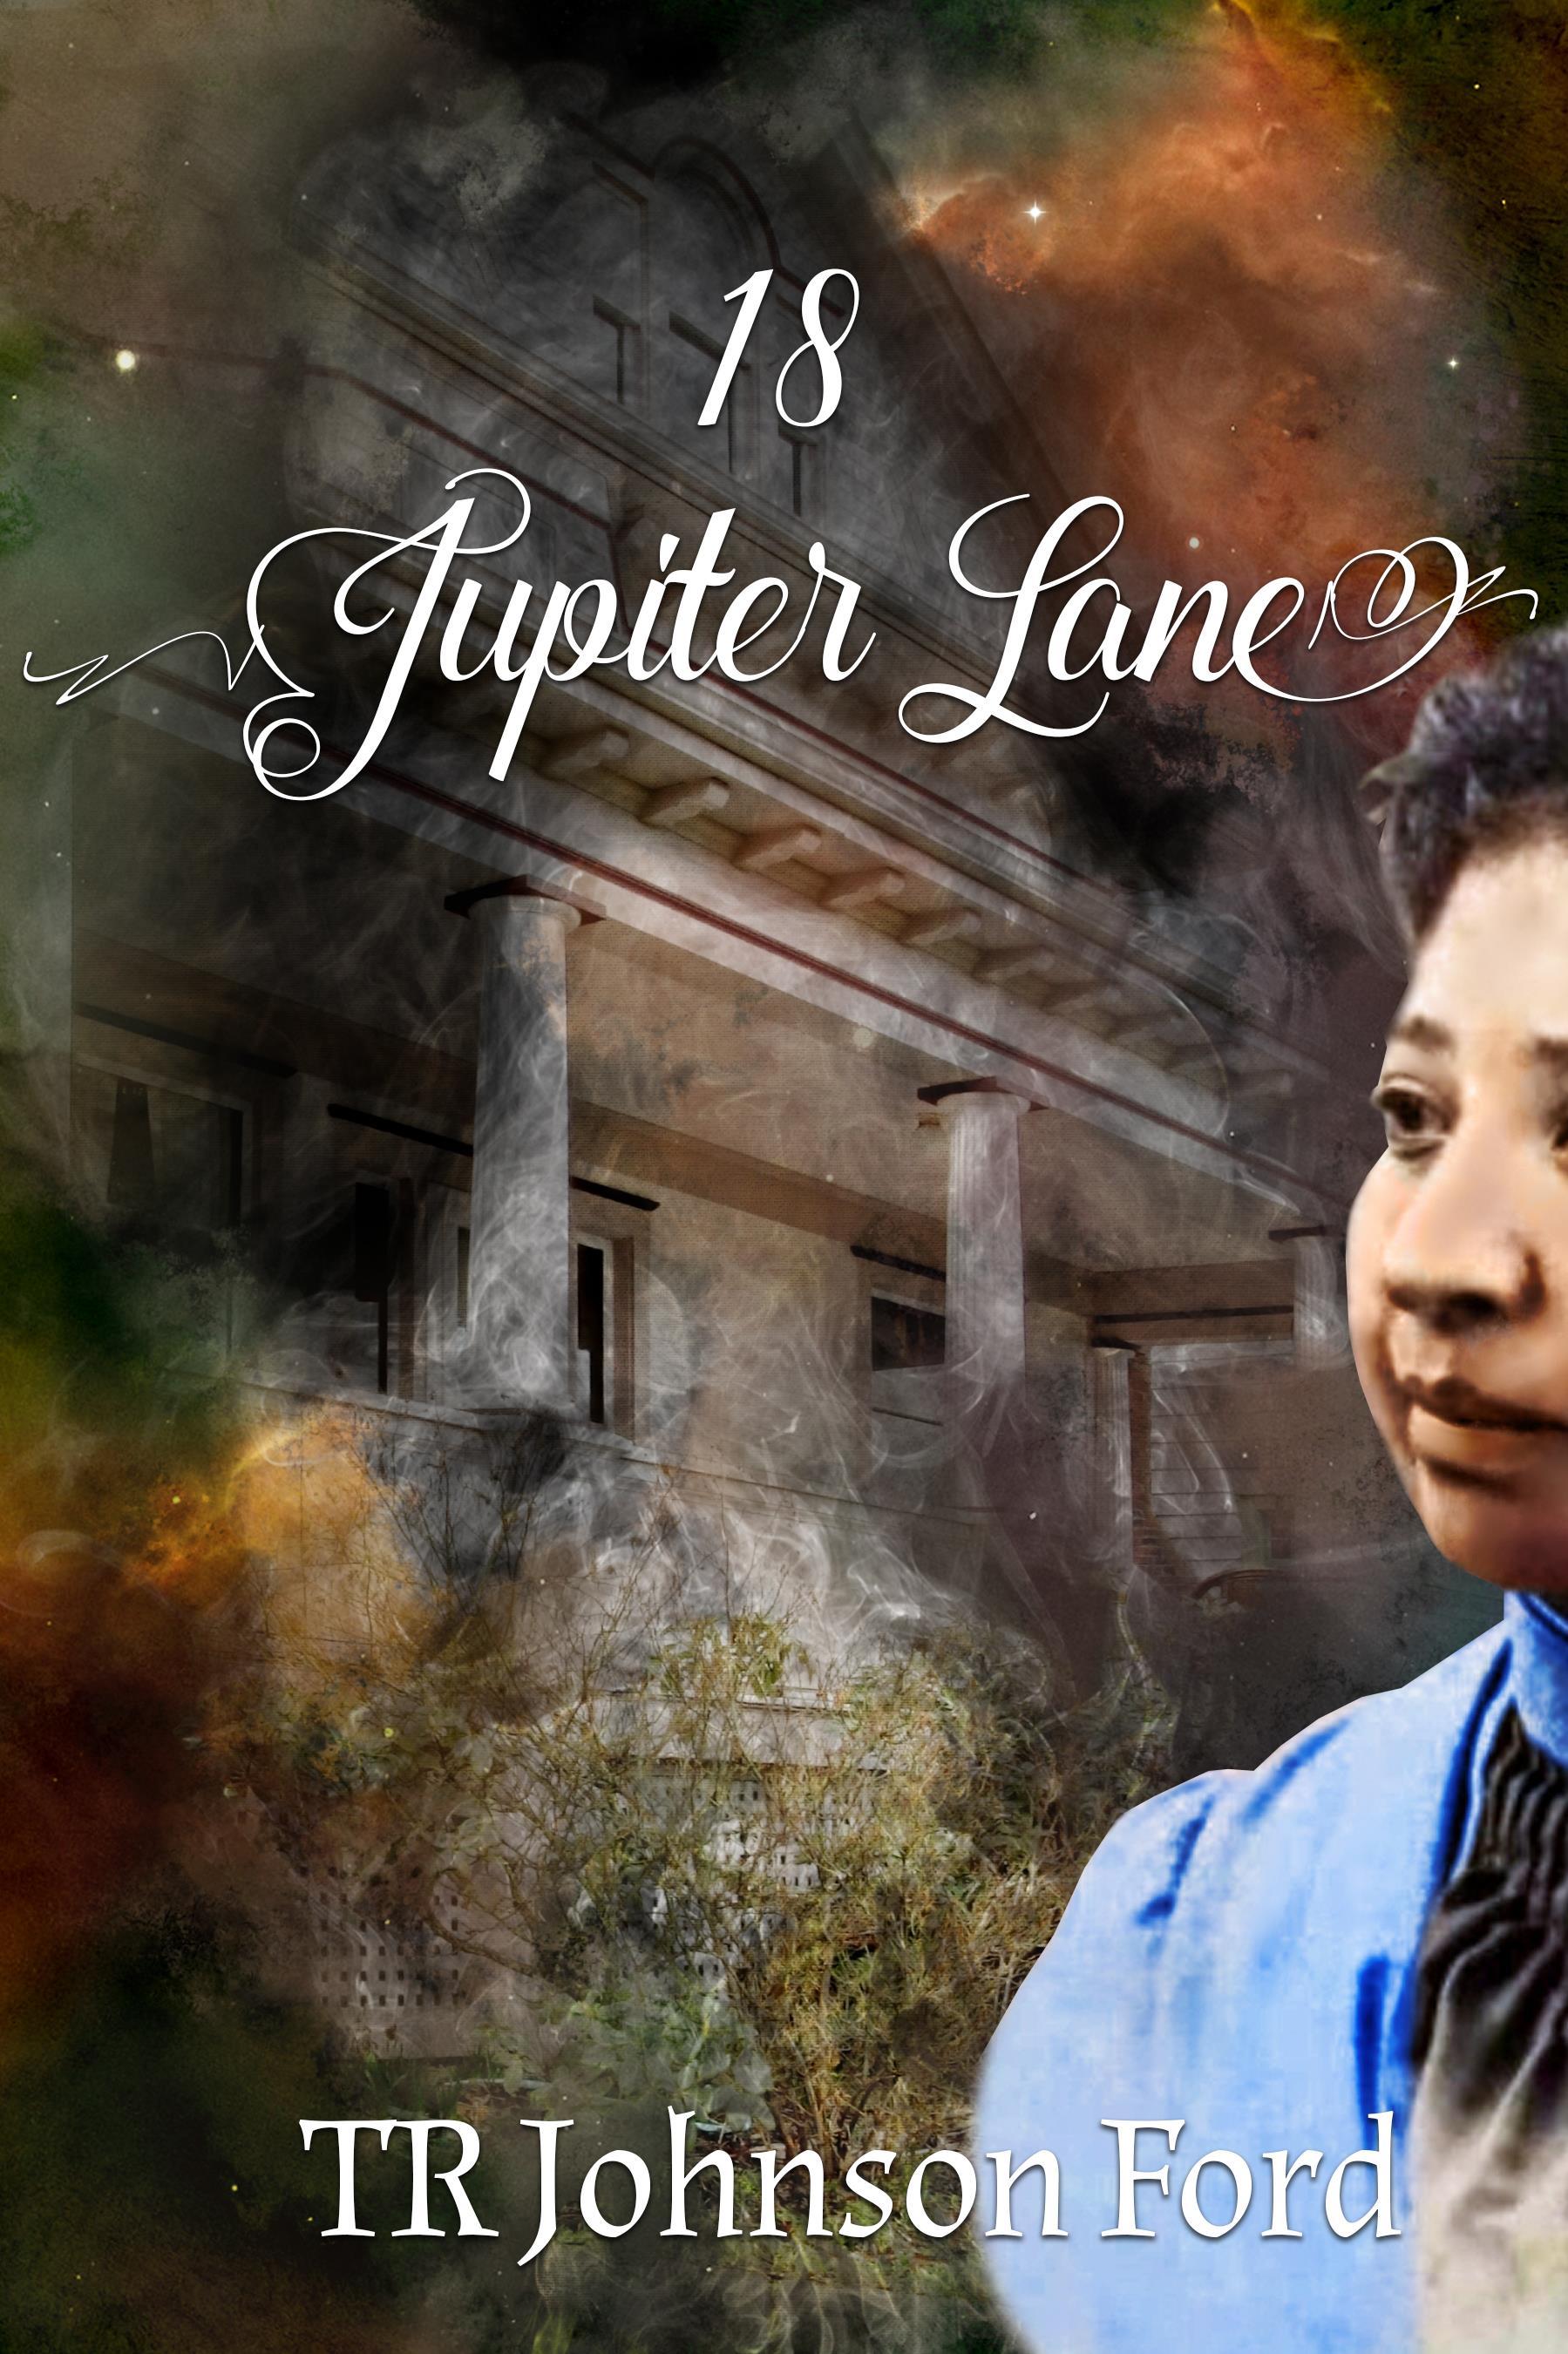 18 Jupiter Lane!